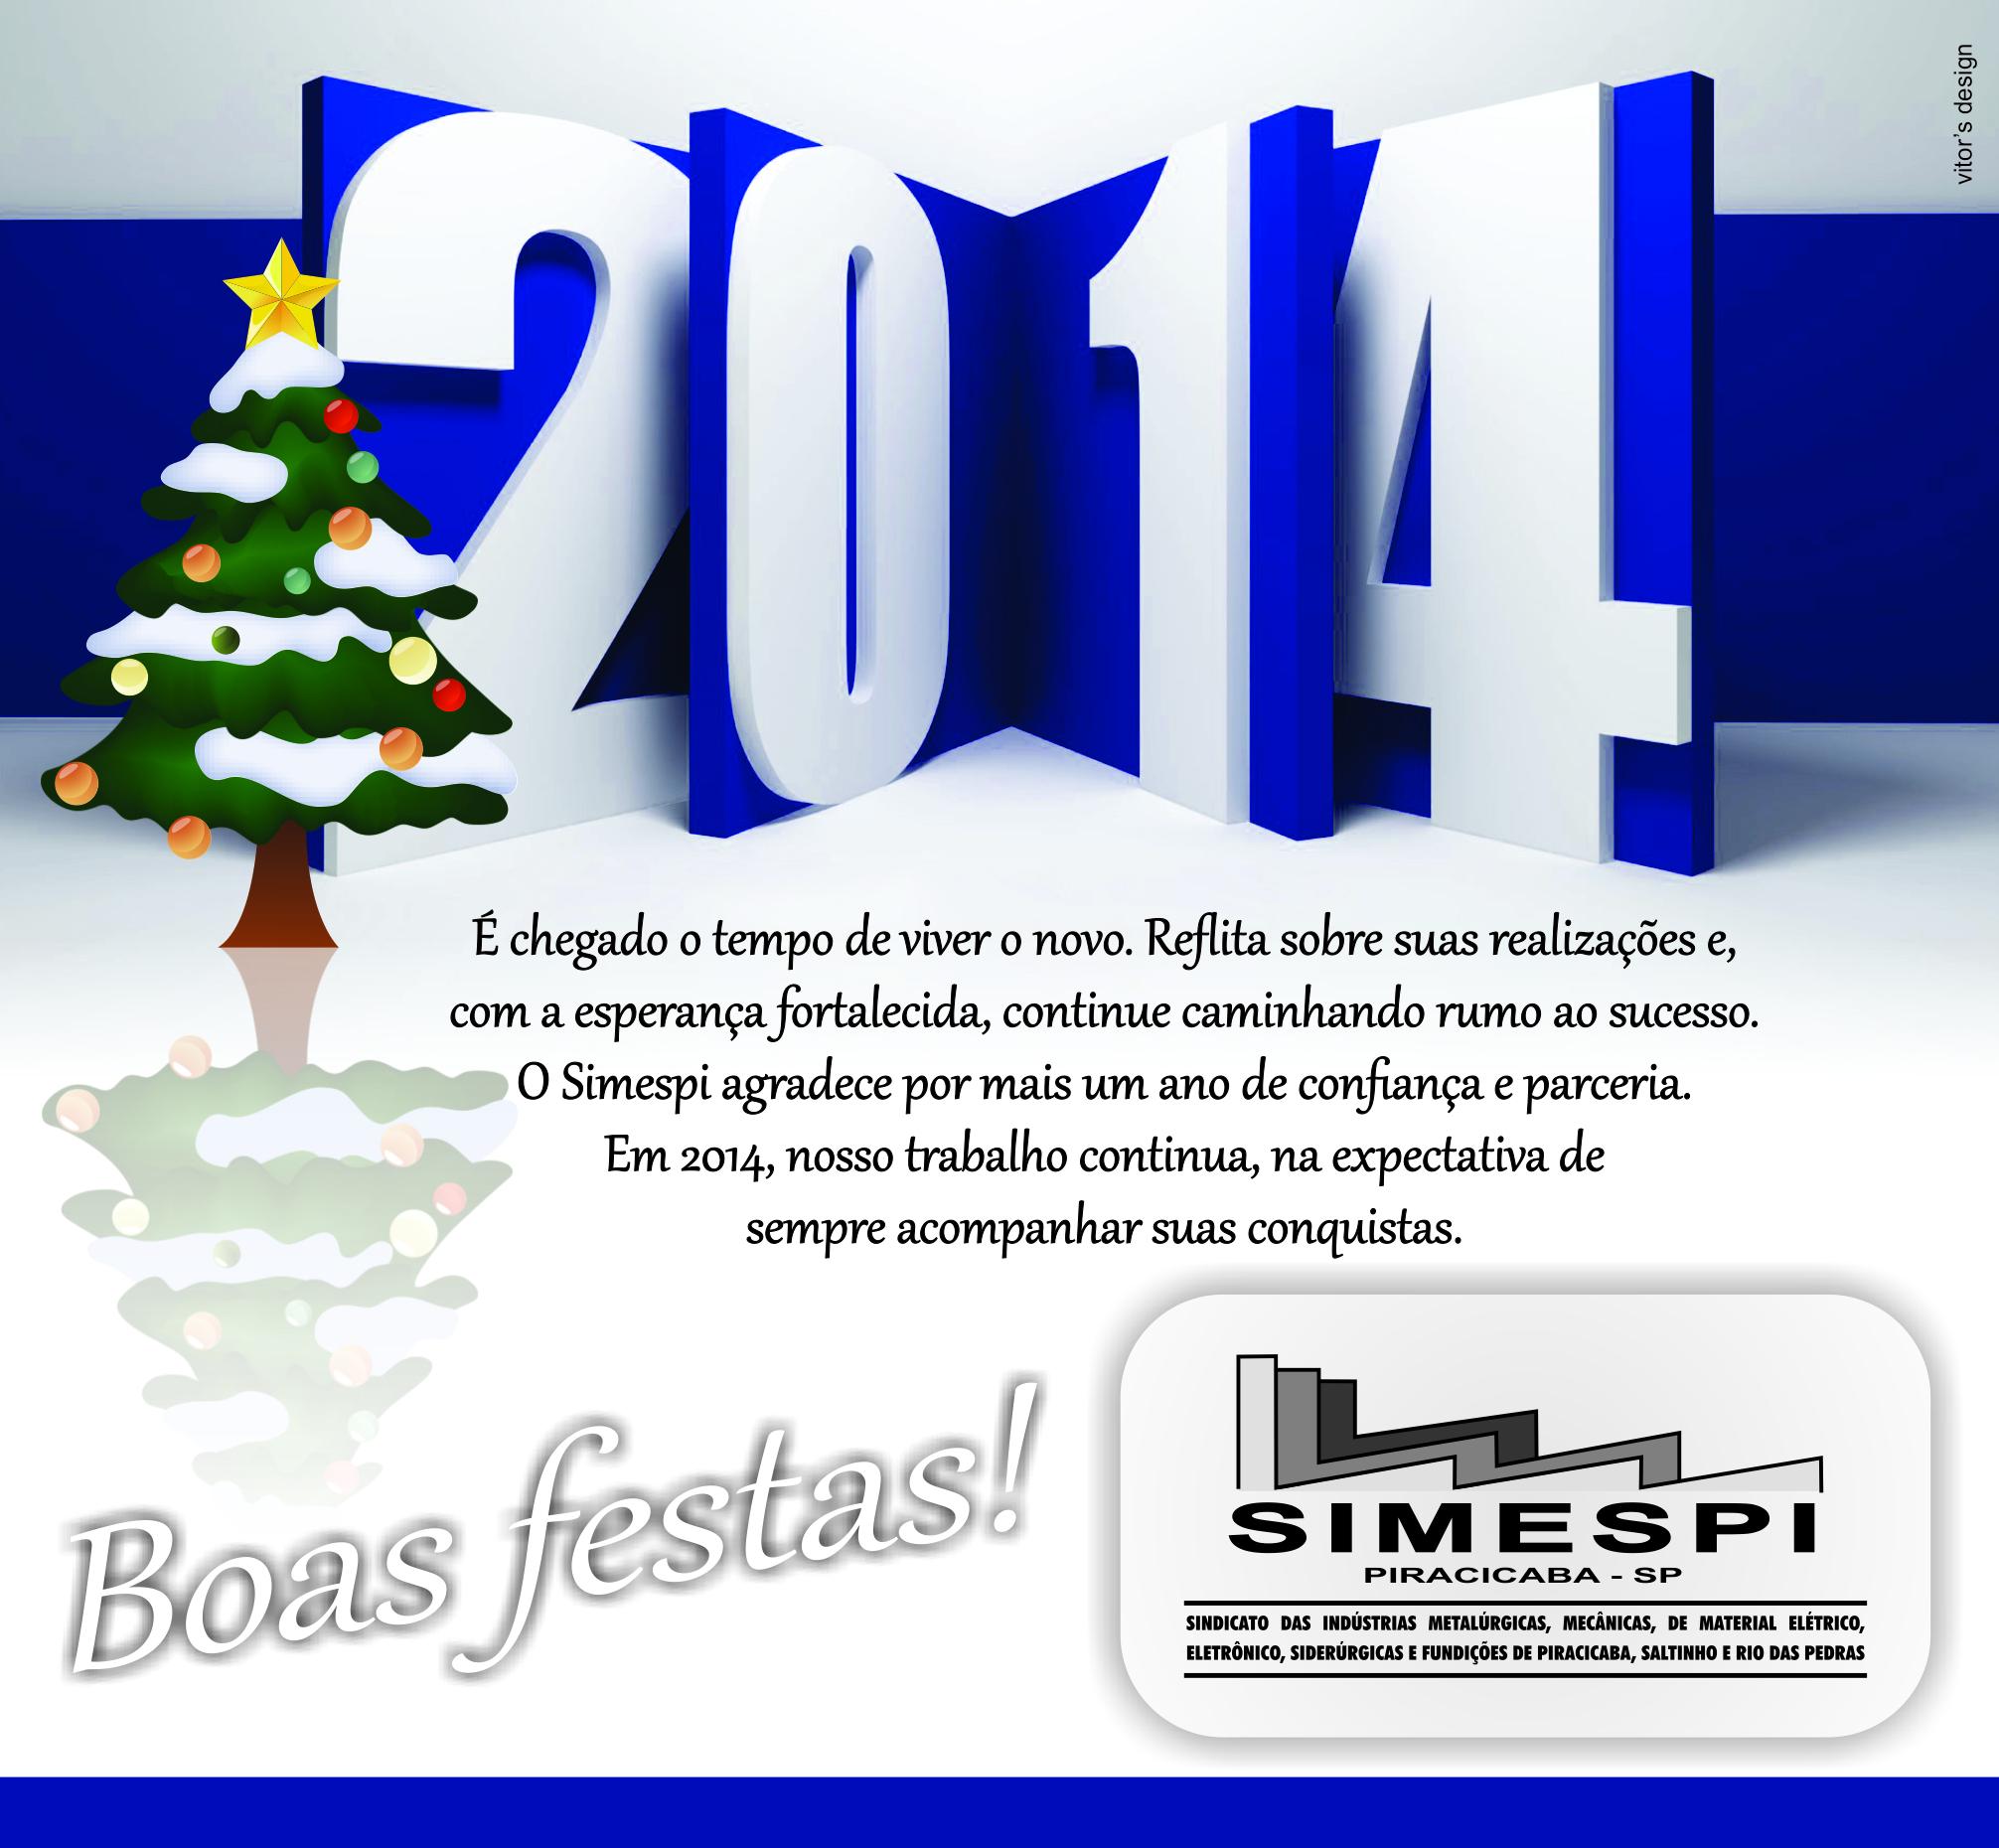 Funcionamento do Simespi no fim do ano